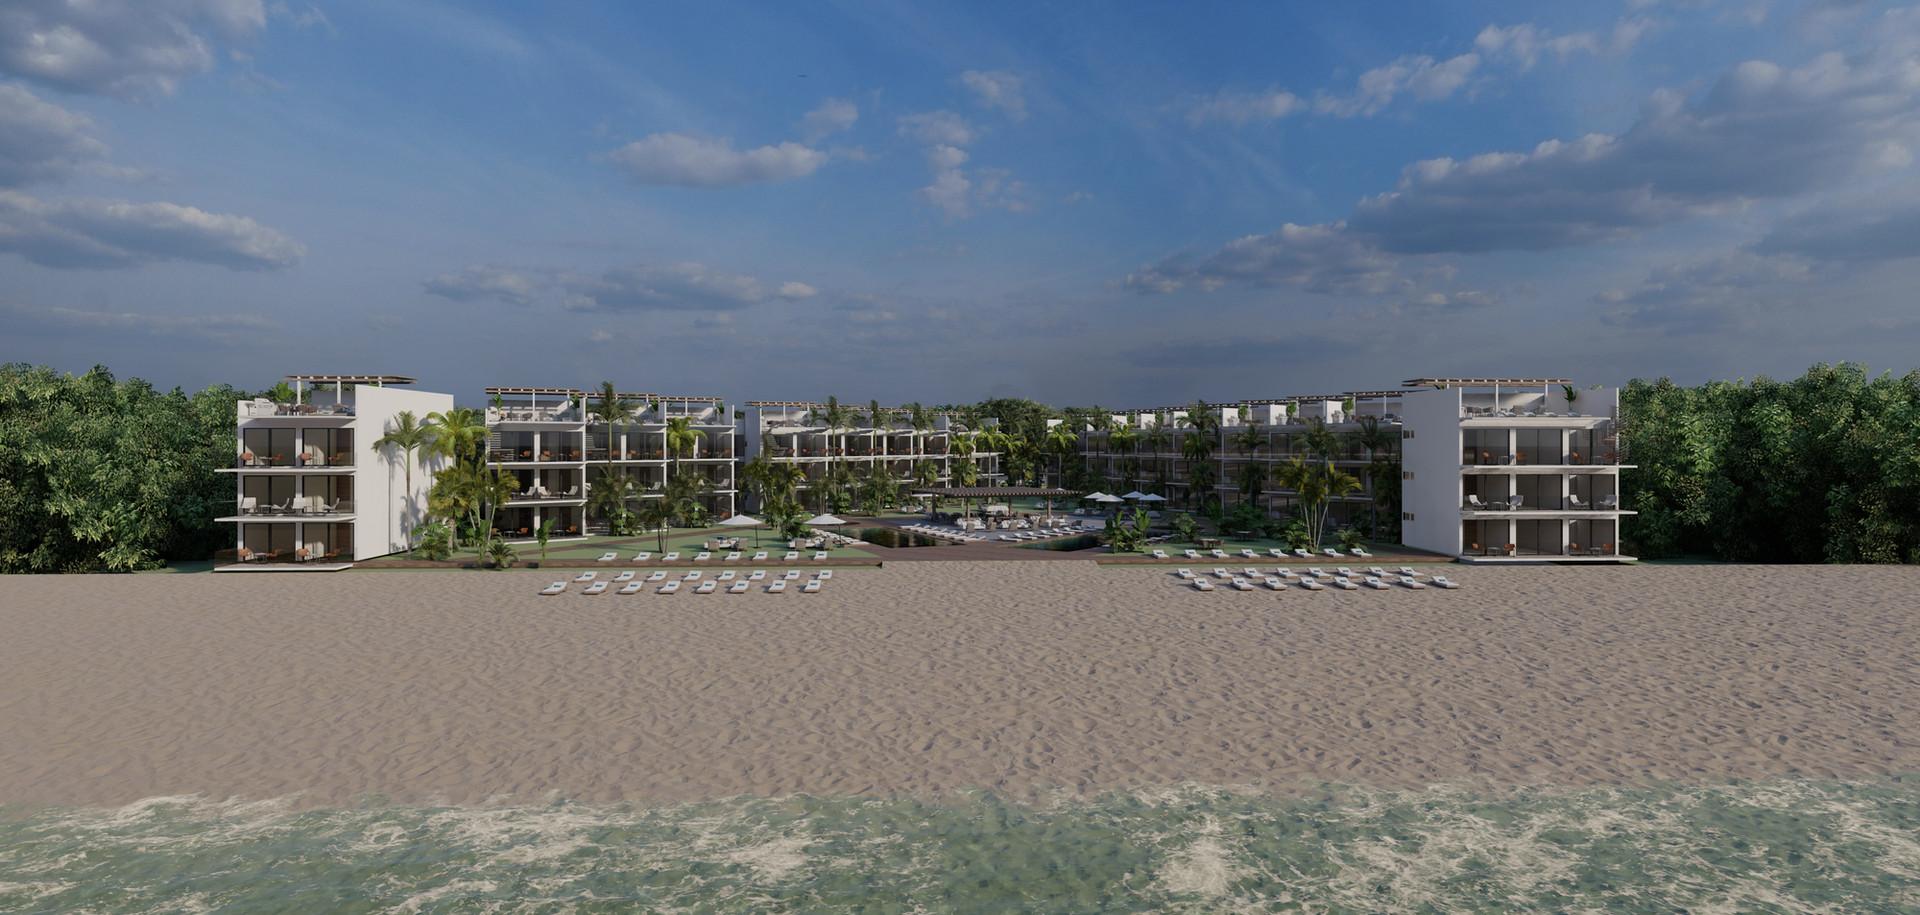 UR-CC Villas Exteriors Render 22.jpg